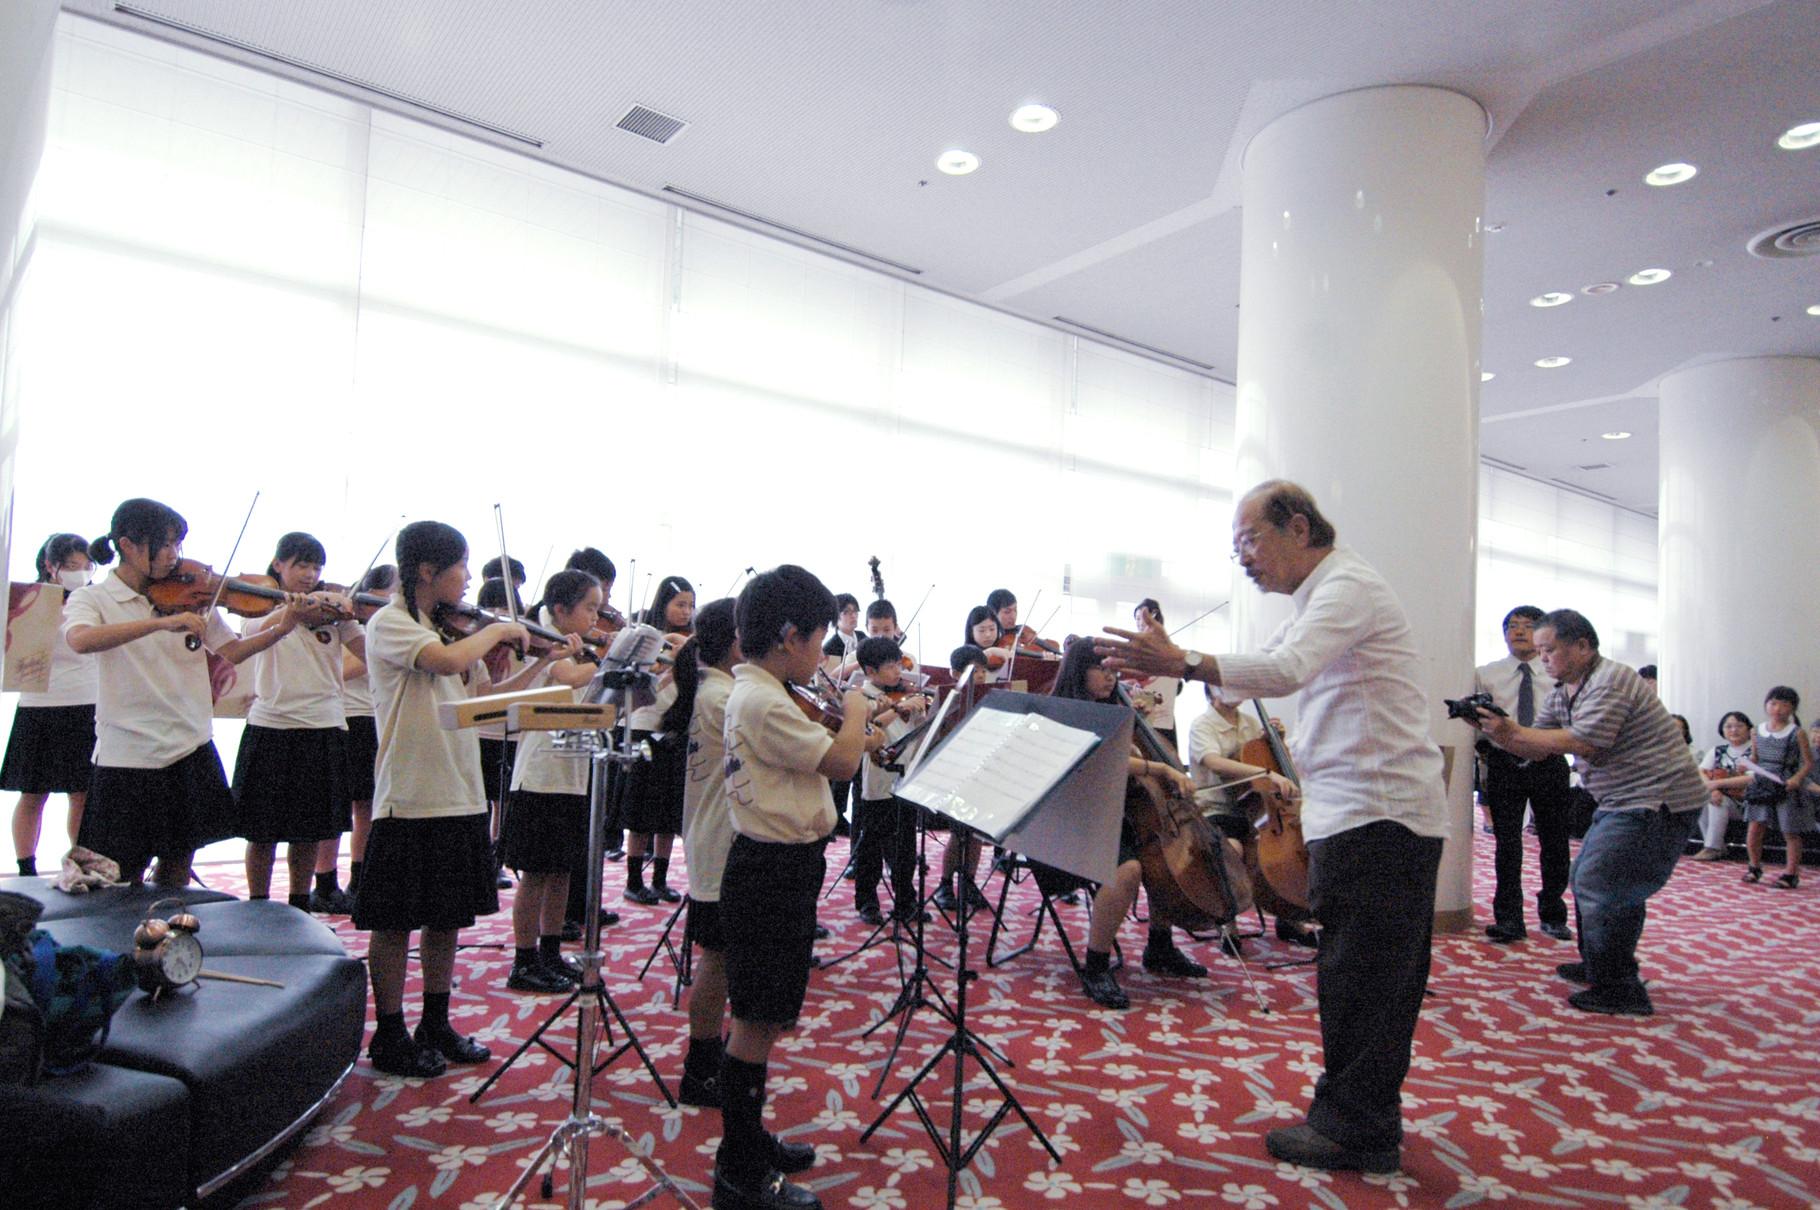 恒例開演前の広島ジュニアオーケストラによる演奏!